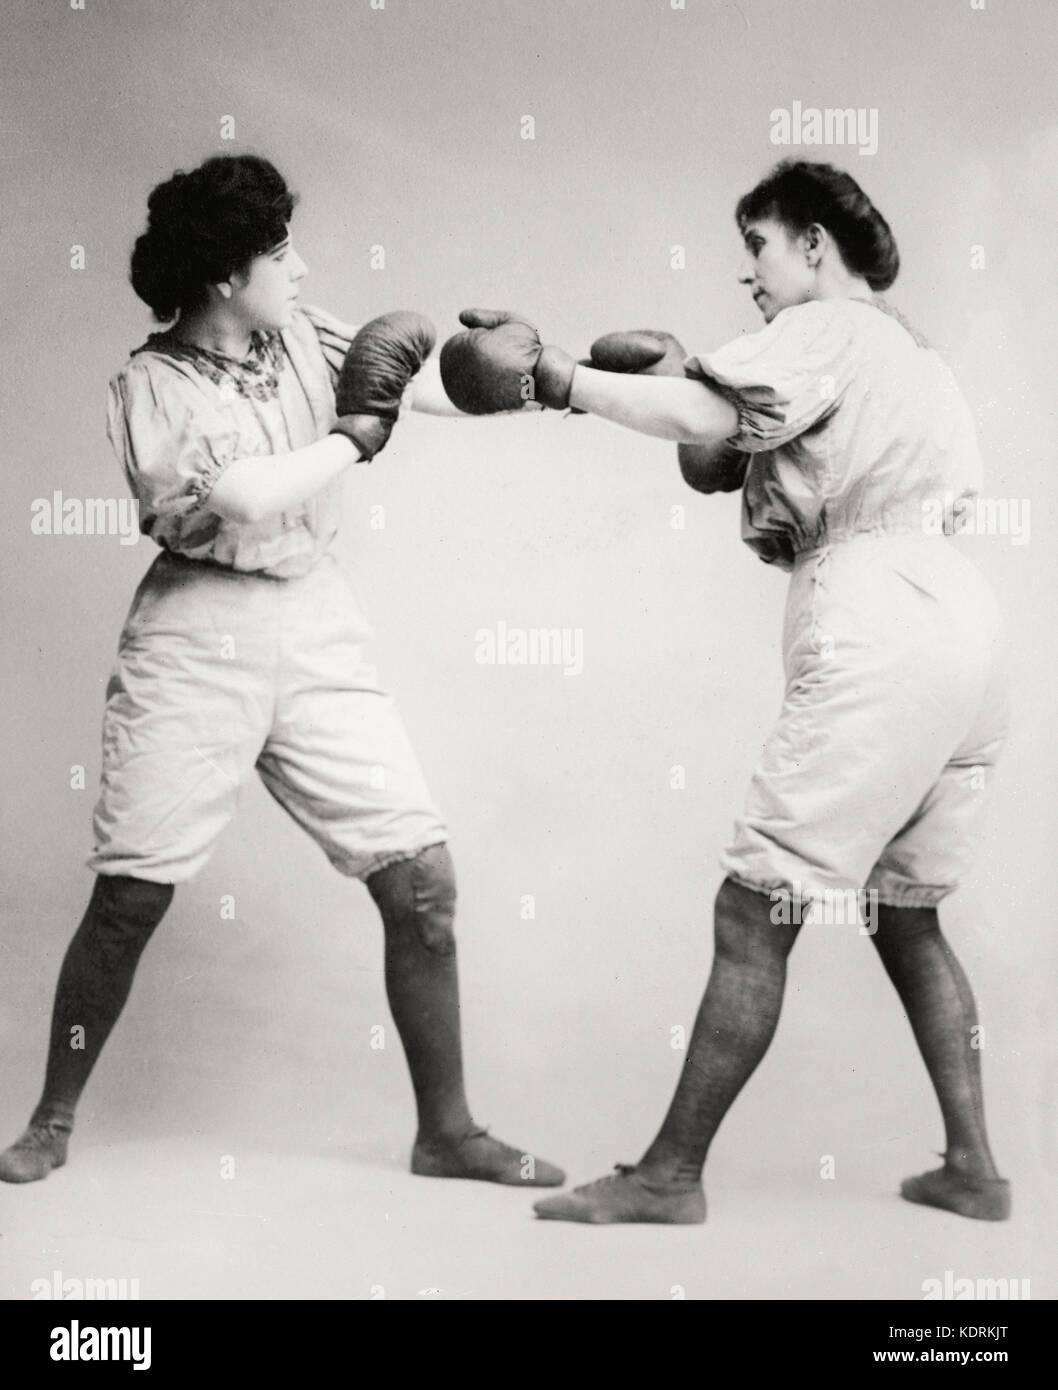 Bennett sorelle pugilato, circa 1910 Immagini Stock